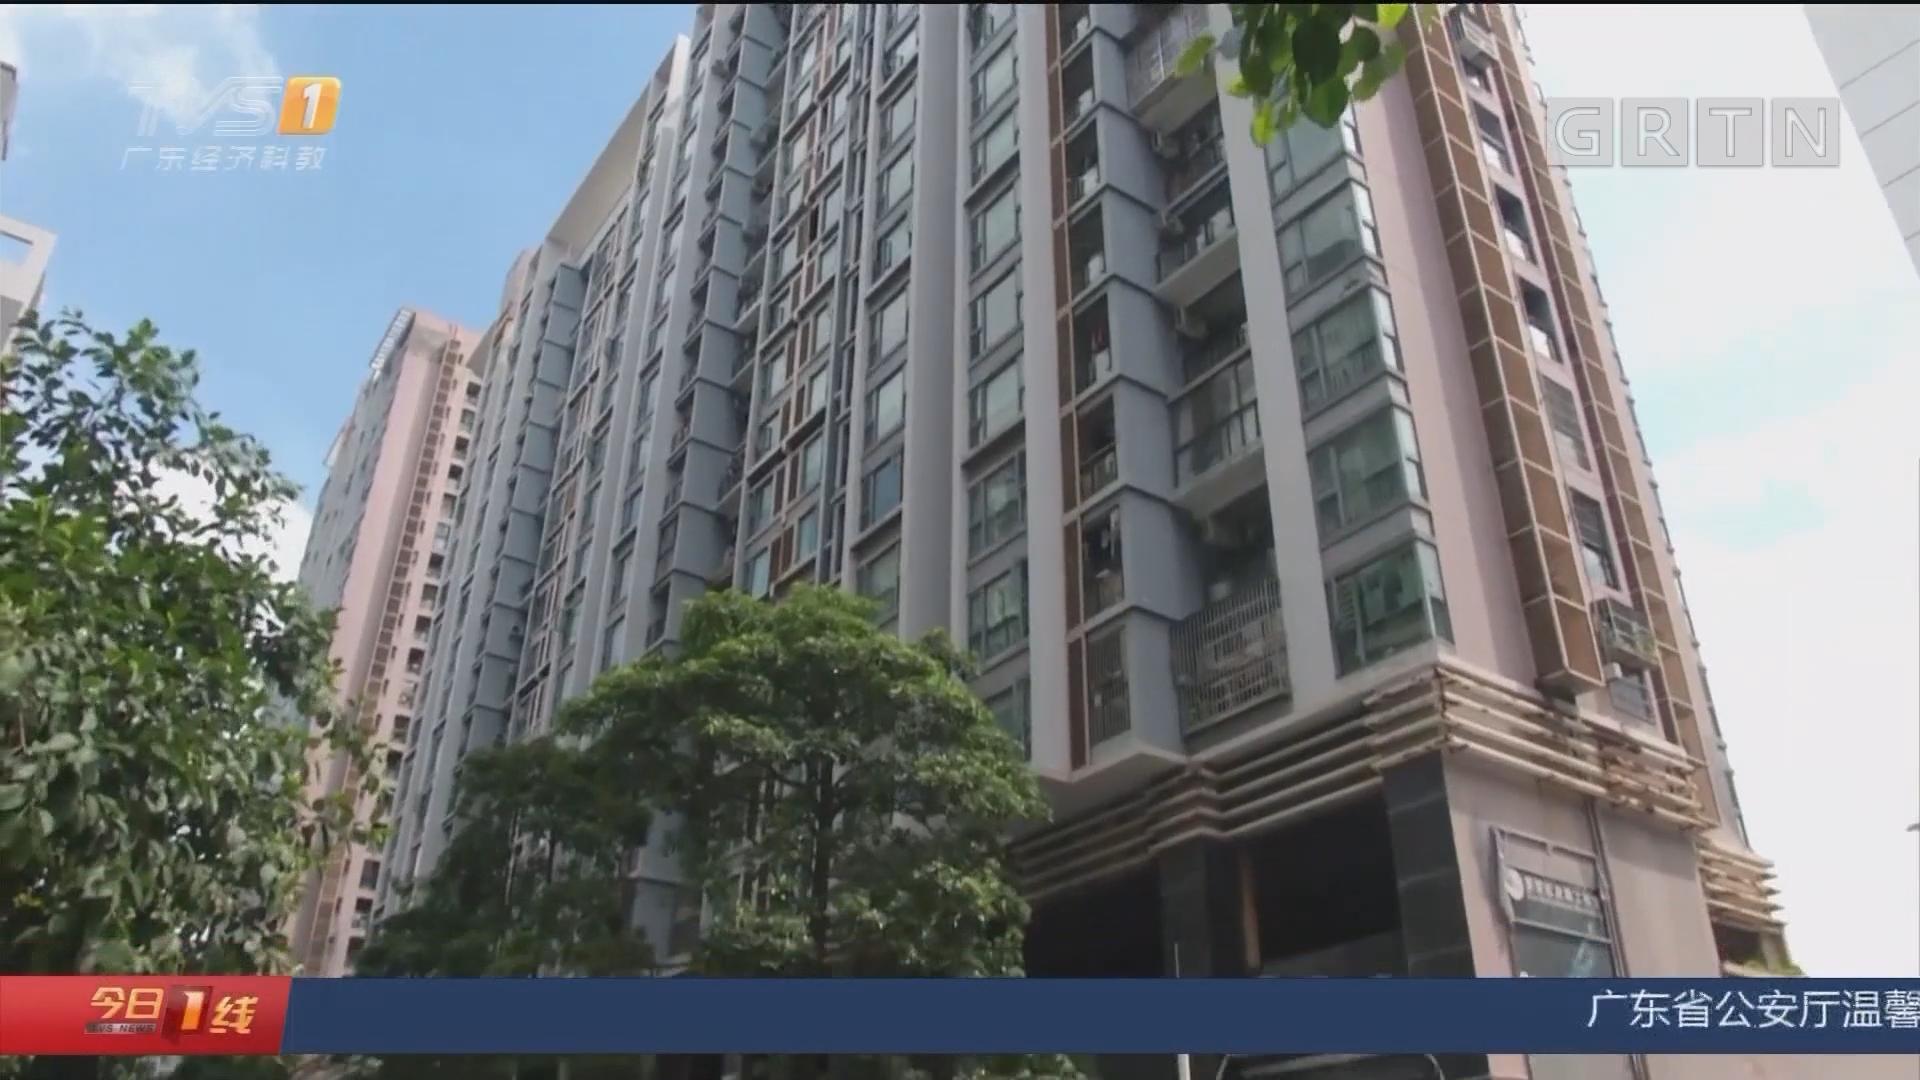 深圳:高空墜物頻發 學者呼吁建立強制檢查制度